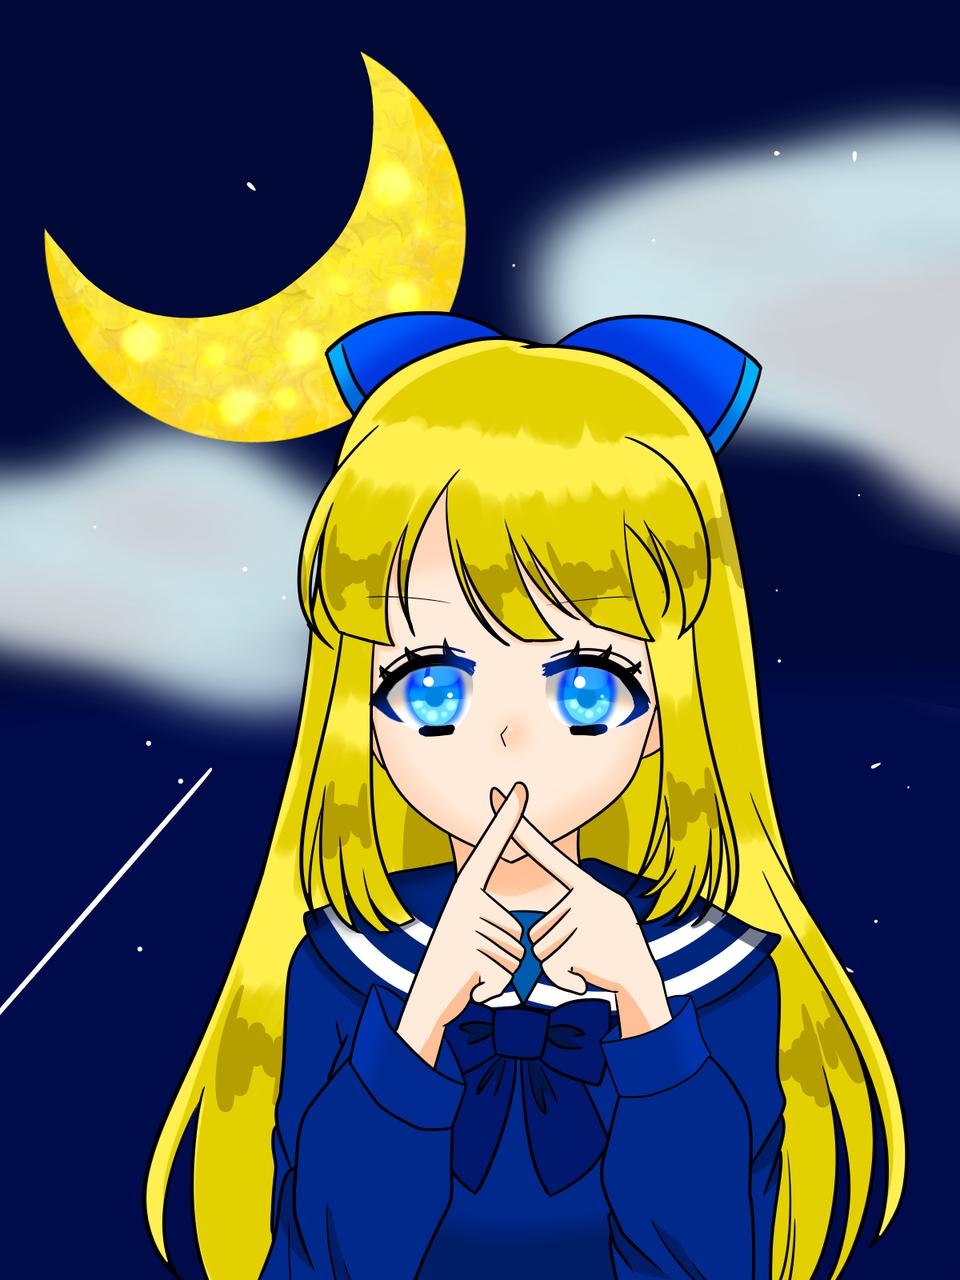 夜はお静かに Illust of さーや 小5 夜空 girl blonde moon